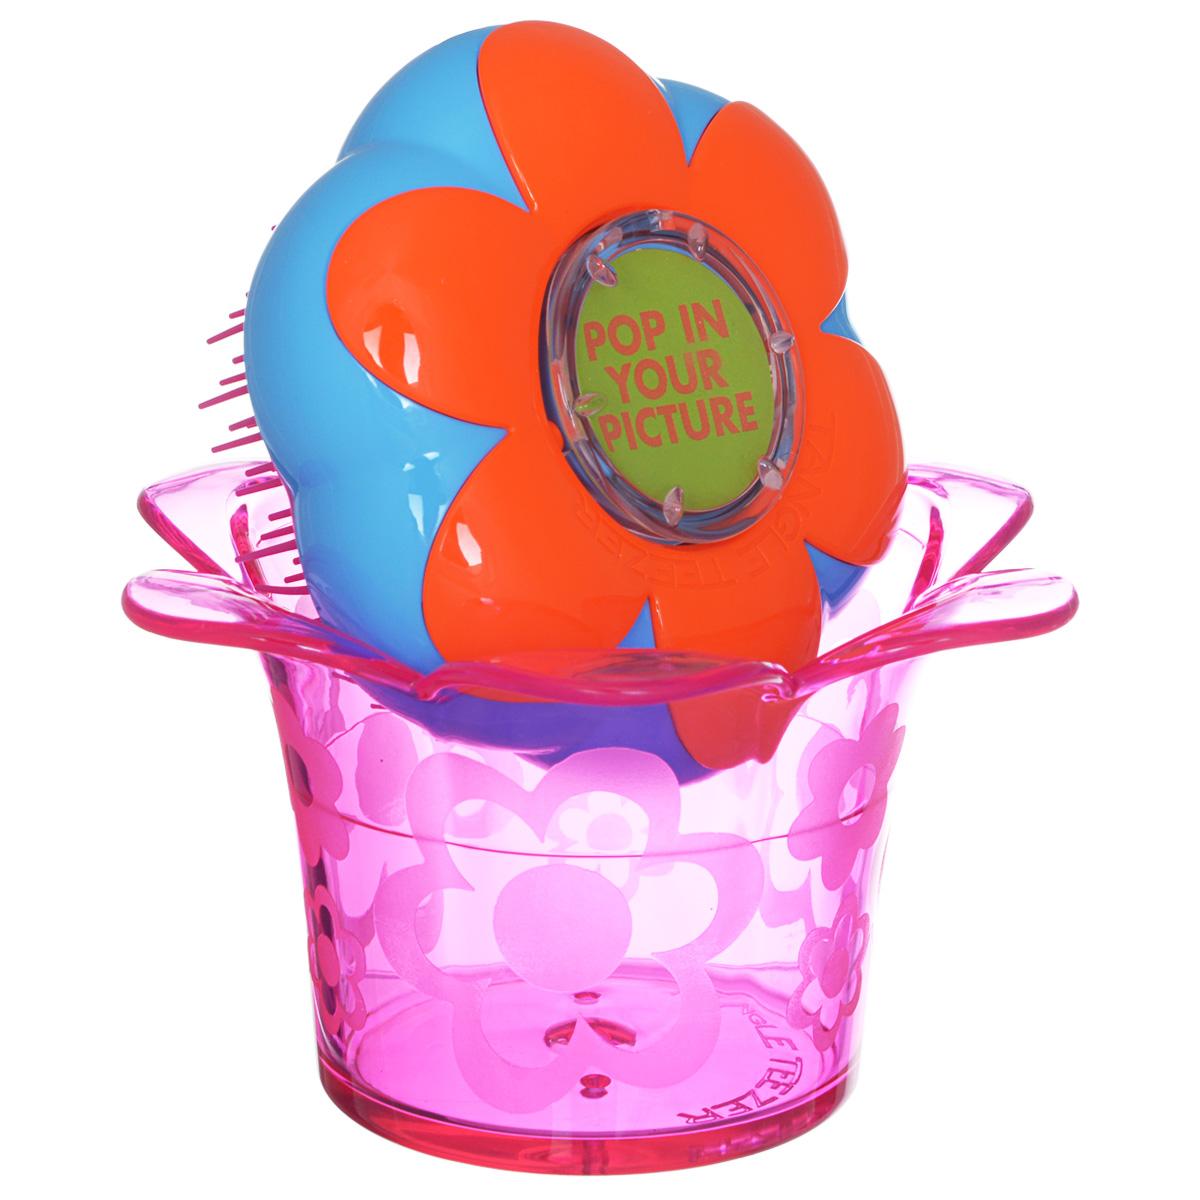 Tangle Teezer Расческа для волос Magic Flowerpot. Popping PurpleFS-00897Детская распутывающая чудо-расческа Tangle Teezer Magic Flowerpot. Popping Purple идеально подходит для всех типов волос. Оригинальная форма зубчиков обеспечивает двойное действие и позволяет быстро и безболезненно расчесать влажные и сухие волосы, не нарушая структуру детских волос. Подходит детям от 3-х лет. Благодаря эргономичному дизайну, расческу удобно держать в руках, не опасаясь выскальзывания. Расческа дополнена оригинальной подставкой, в которой можно хранить различные резиночки и заколочки.Товар сертифицирован.